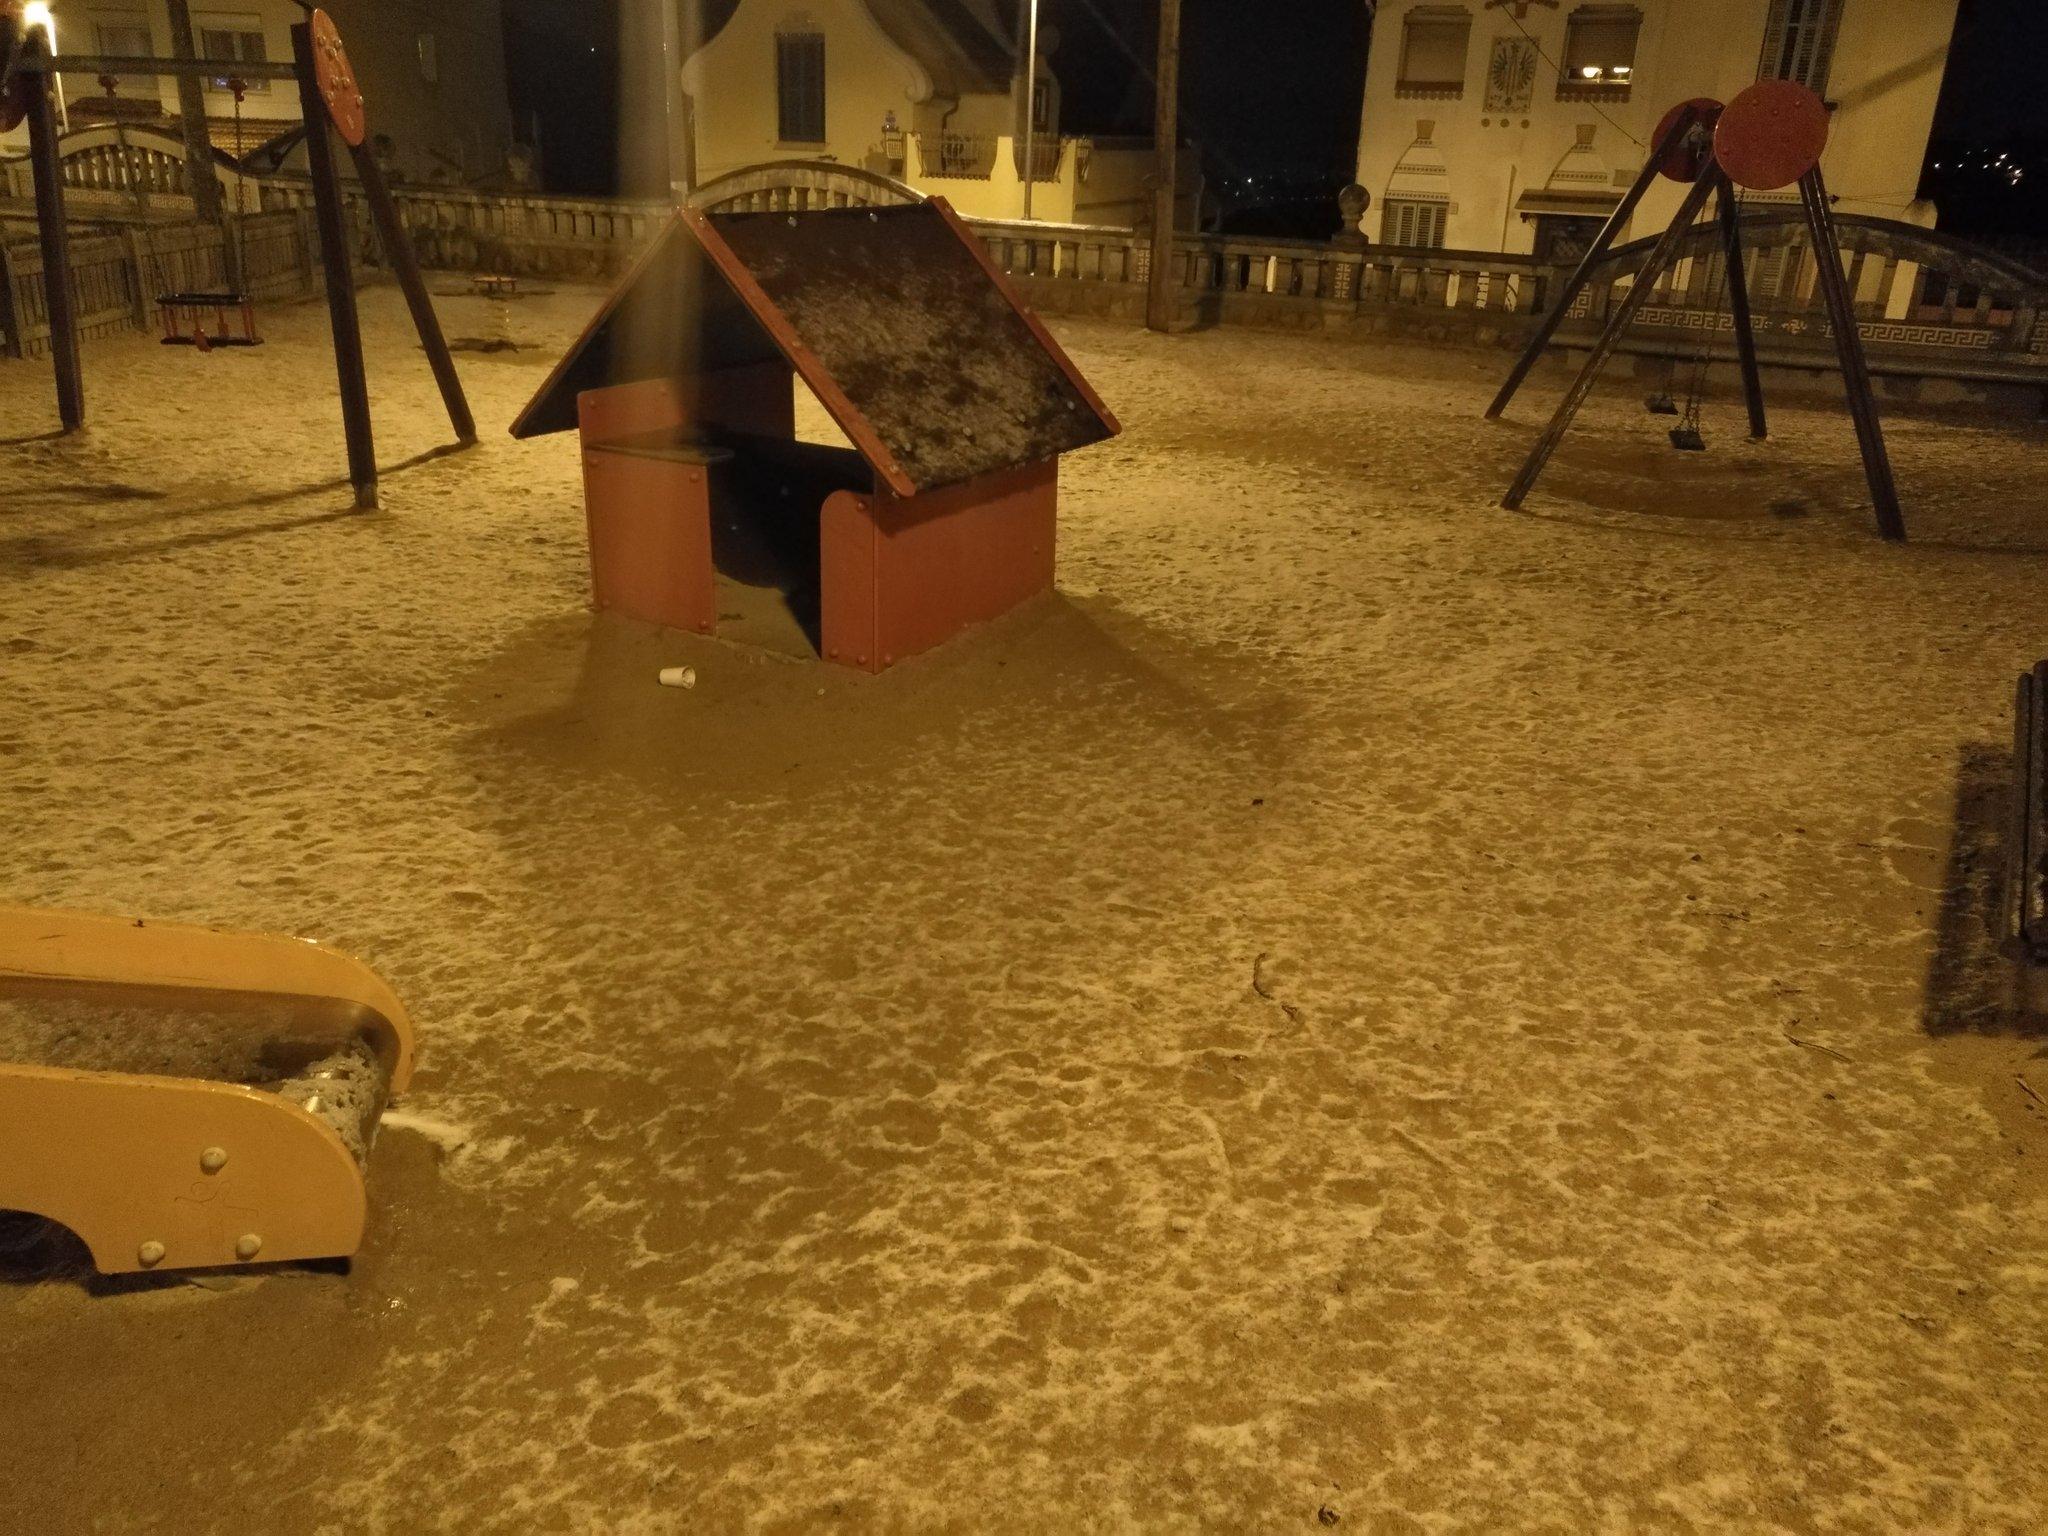 La neu no ha quallat molta estona perquè les temperatures no eren prou baixes / Carles Garcia